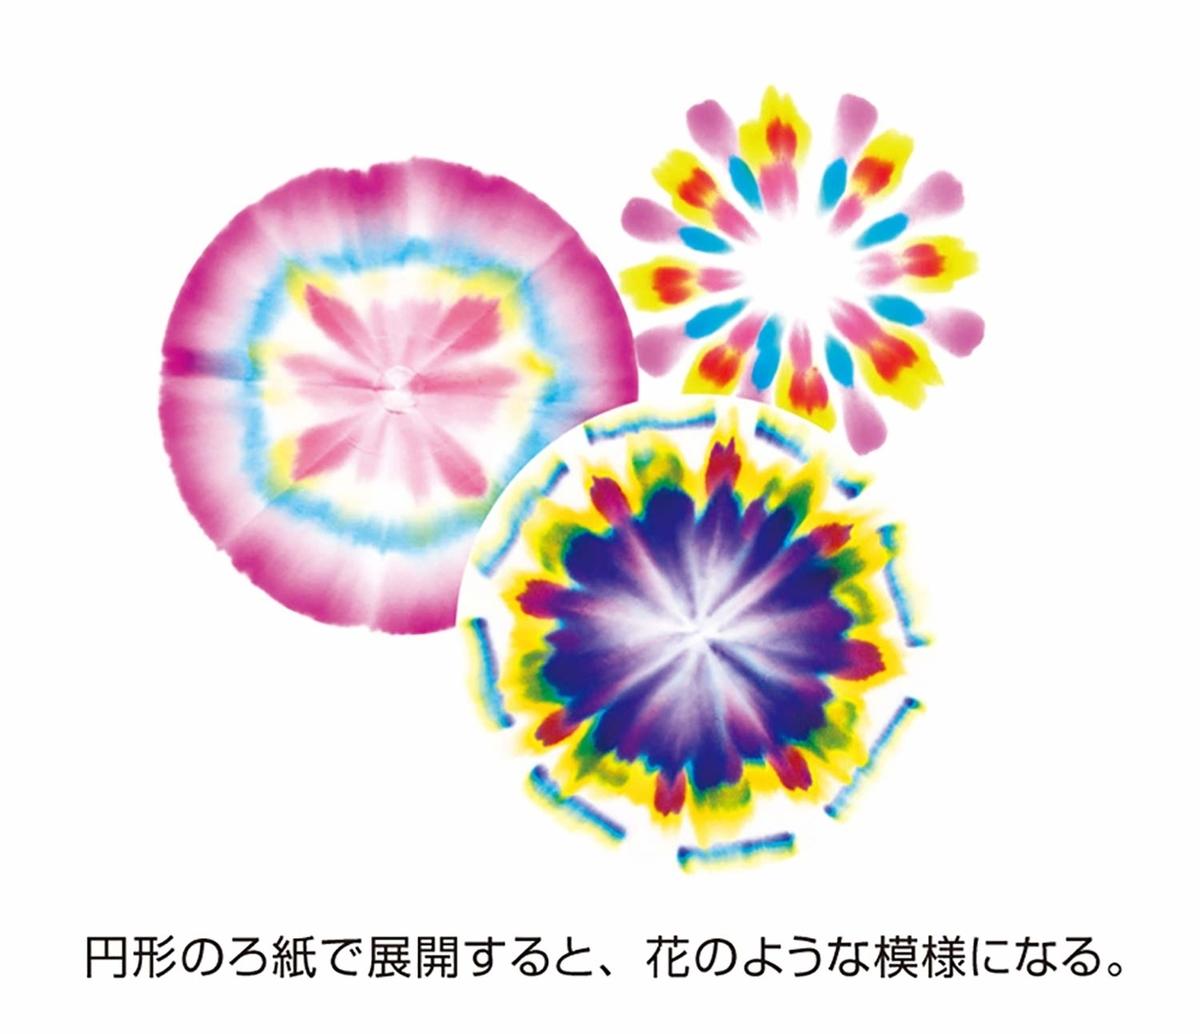 f:id:mojiru:20190731091240j:plain